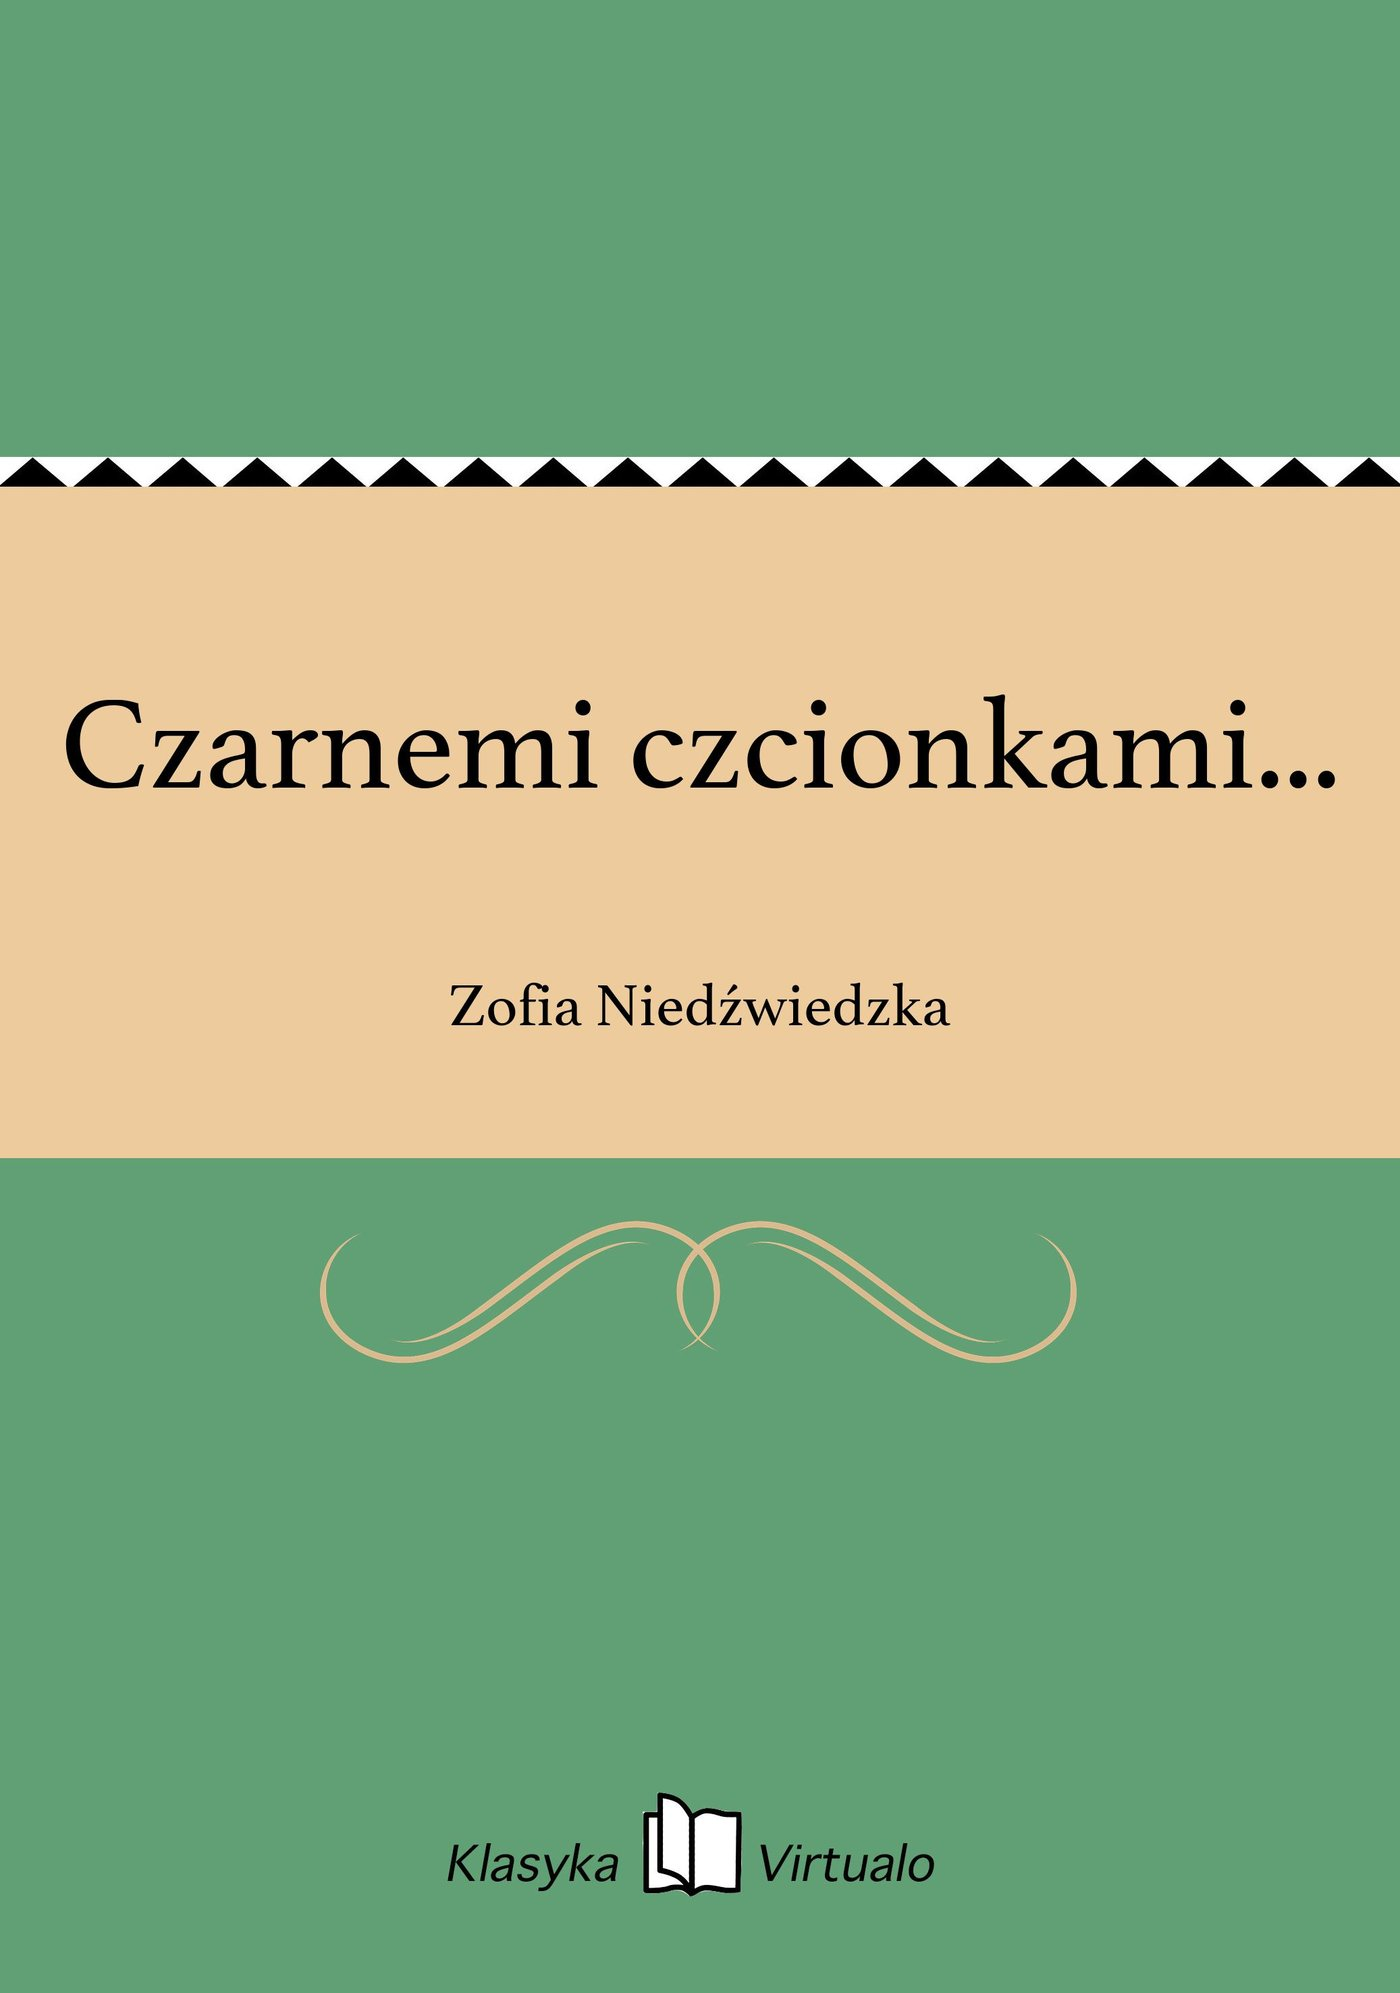 Czarnemi czcionkami... - Ebook (Książka EPUB) do pobrania w formacie EPUB